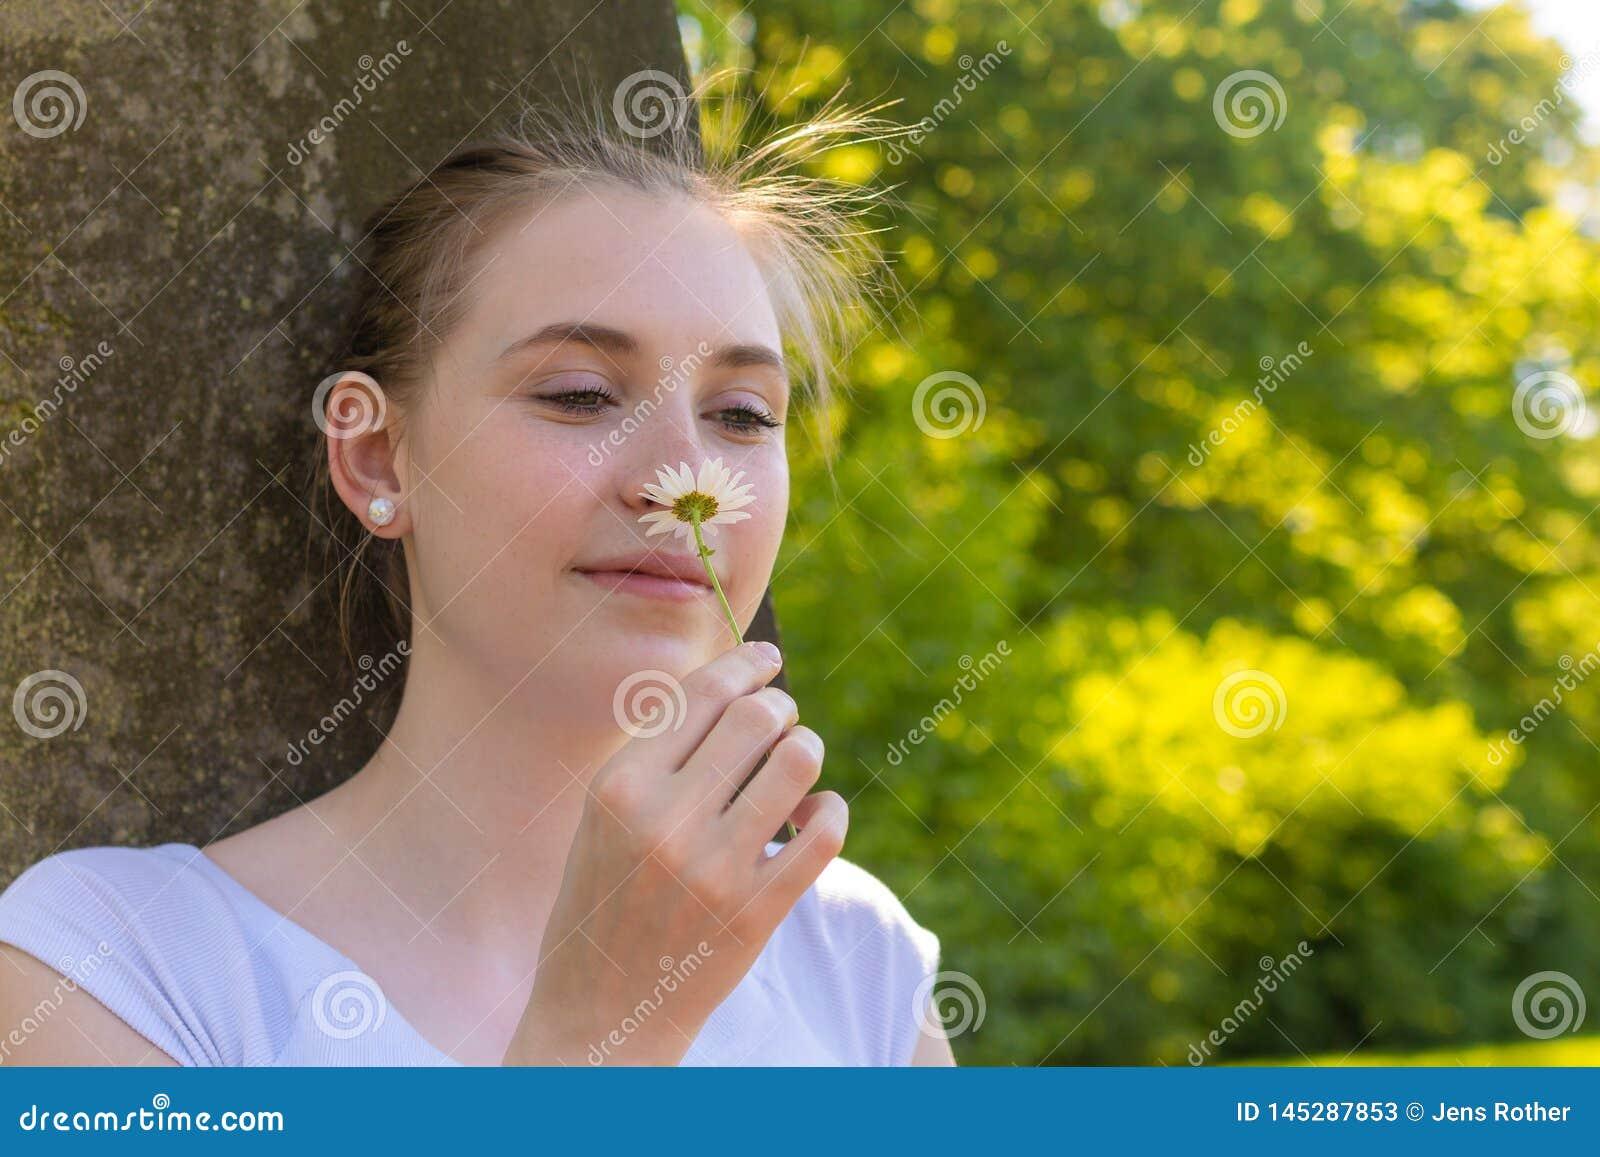 Женщина сидит под деревом и пахнет на цветке